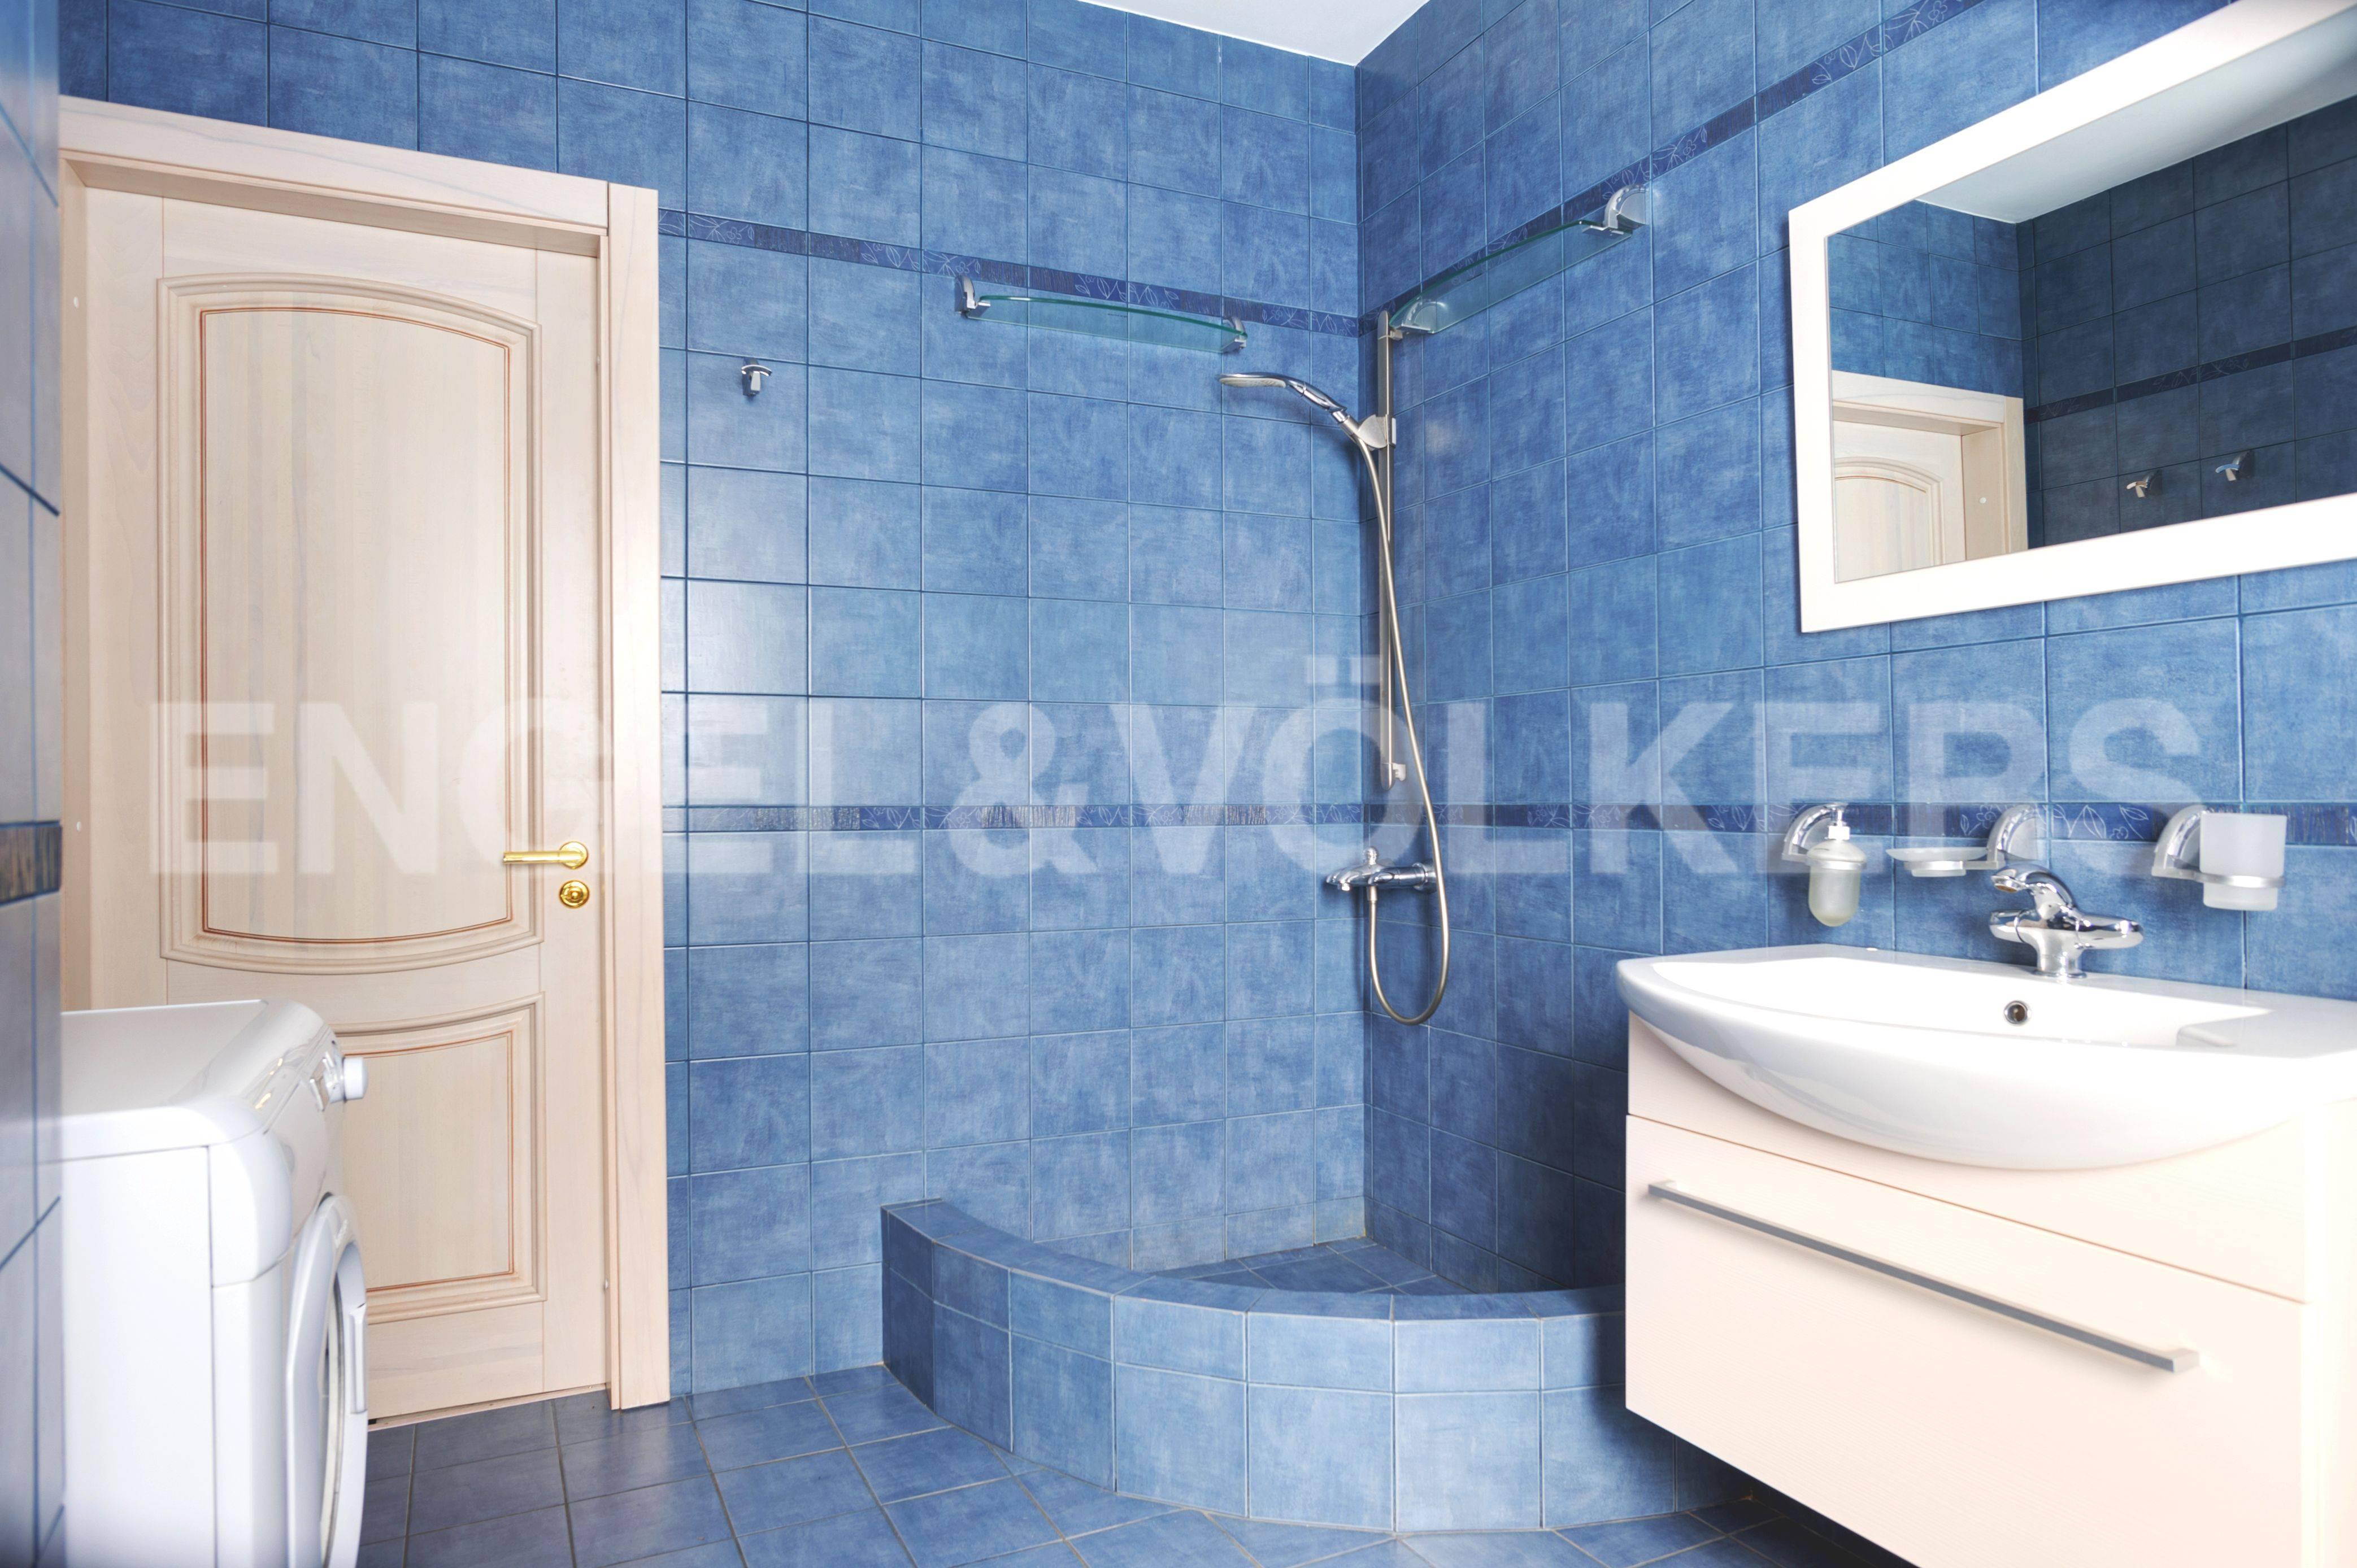 Элитные квартиры в Центральном районе. Санкт-Петербург, Большой Сампсониевский пр. 4-6. Ванная комната